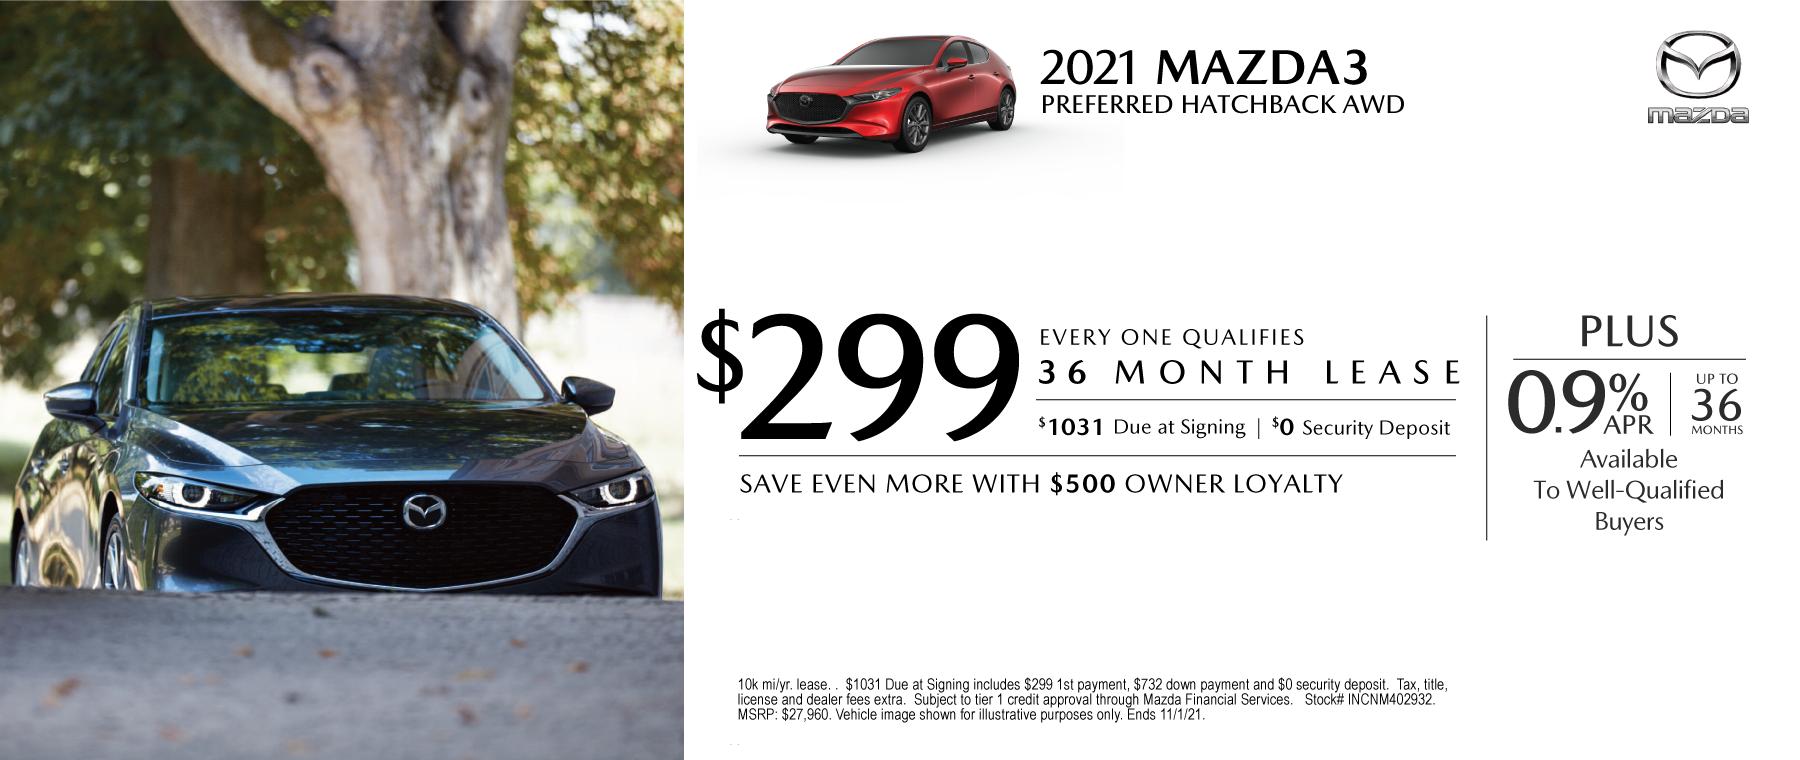 October-2021-Mazda-CS-Slides_Mazda3